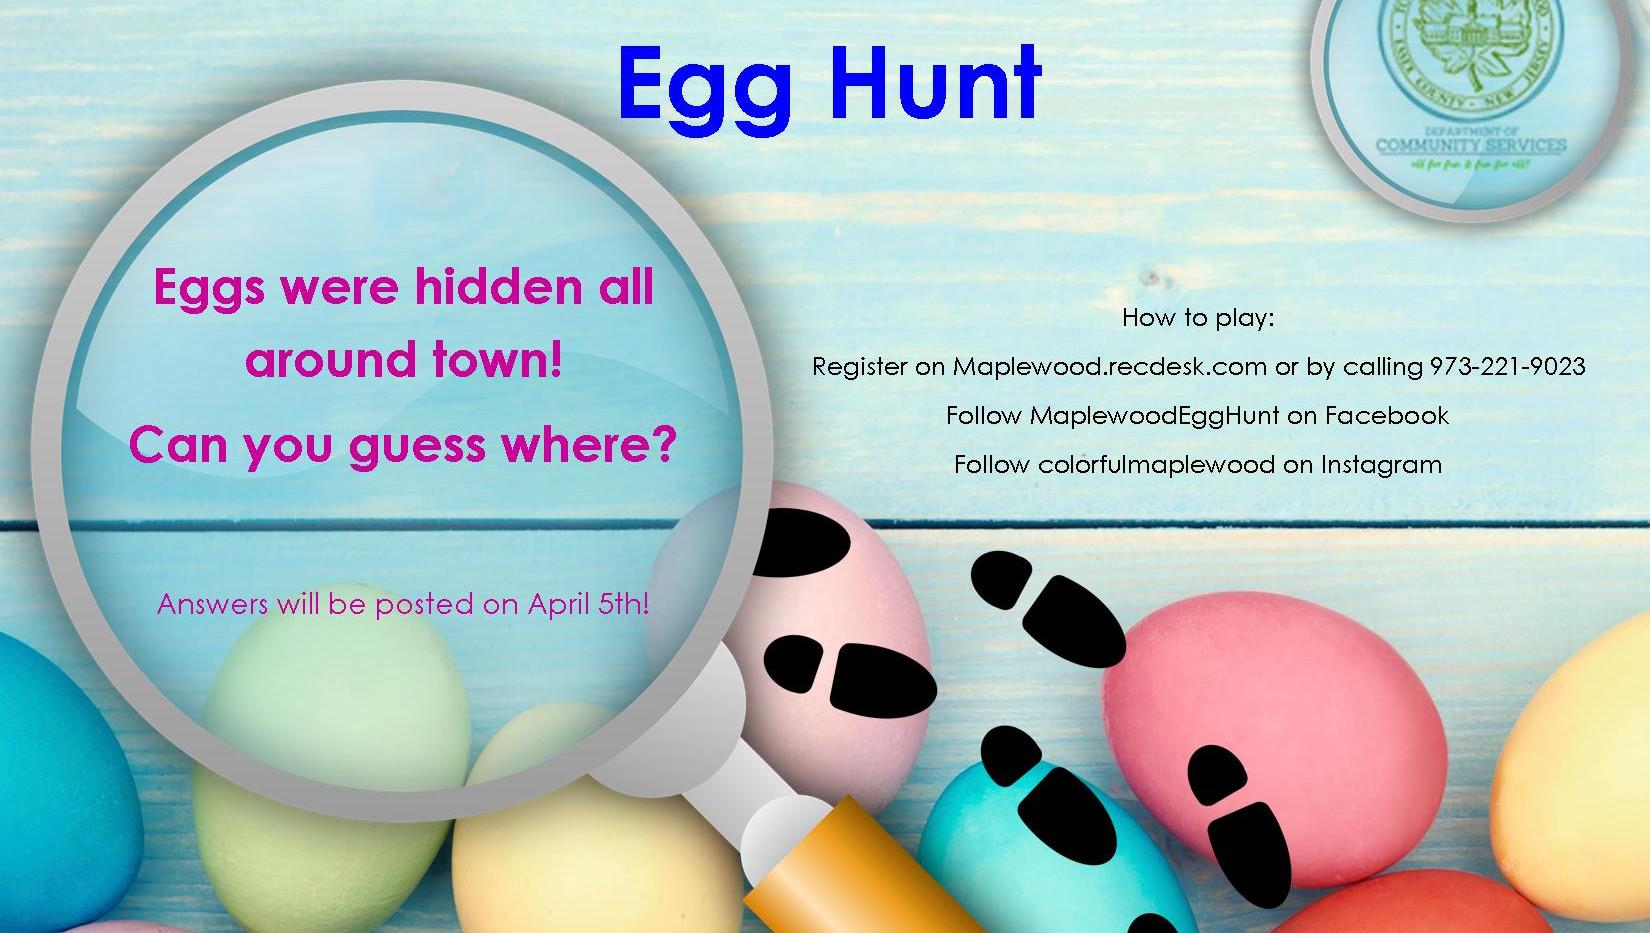 egg hunt promo.jpg